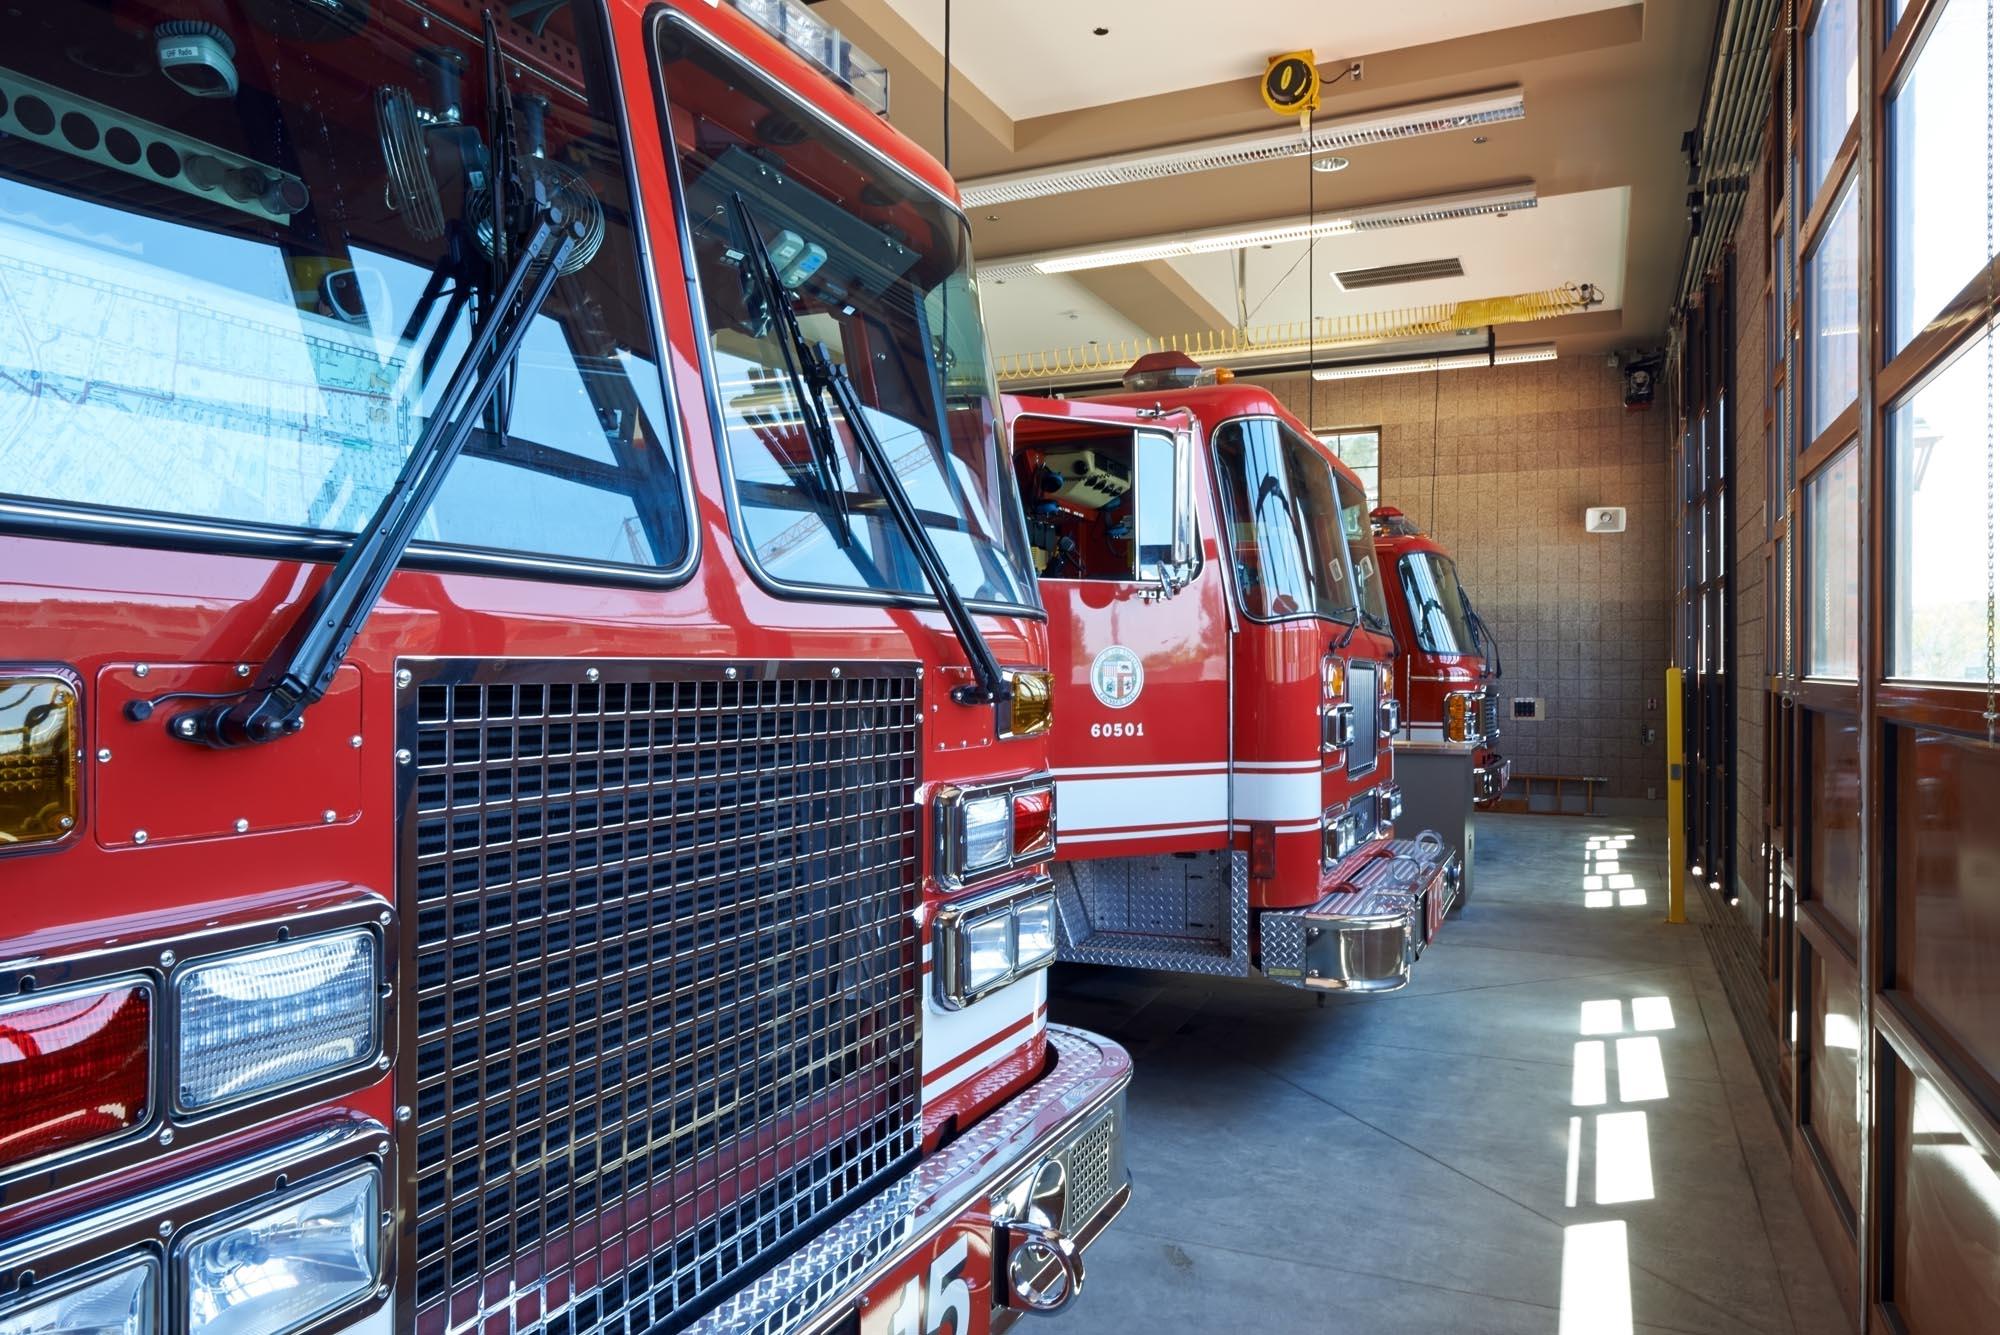 USC-Firestation-15-18.jpg